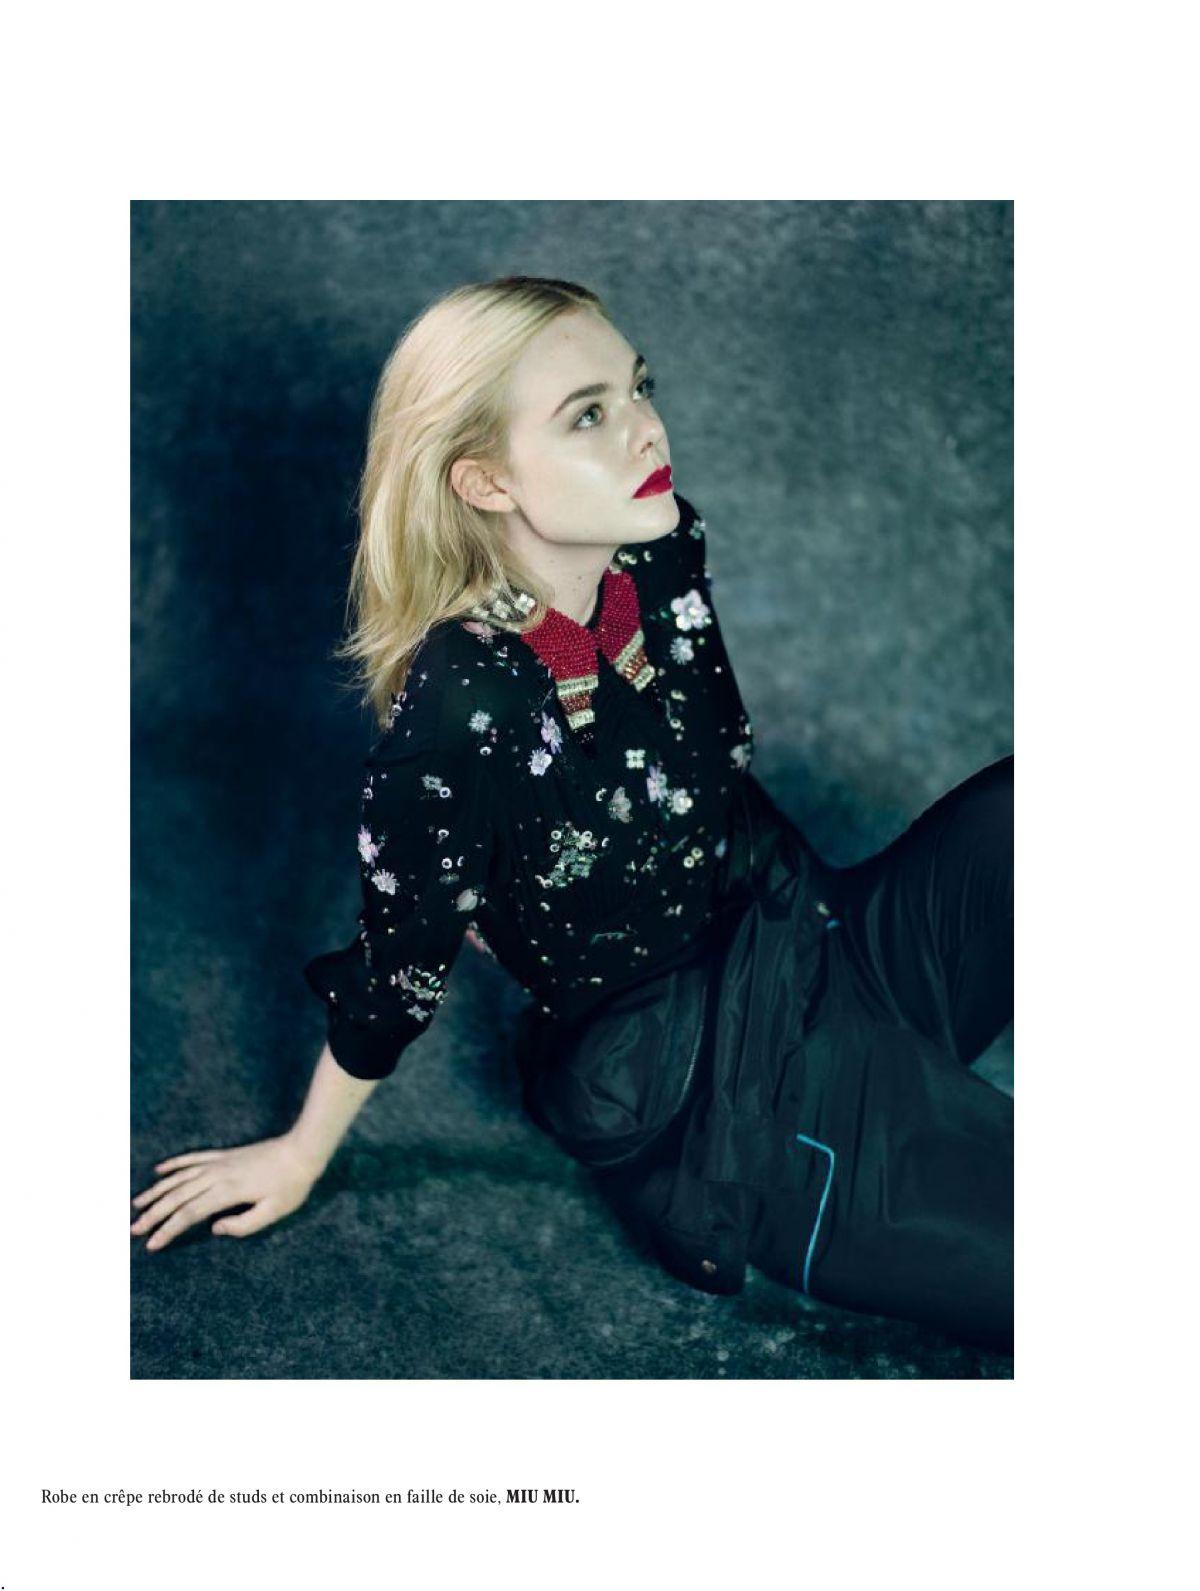 Elle Fanning Photoshoot for L'Officiel Paris, December/January 2017-2018